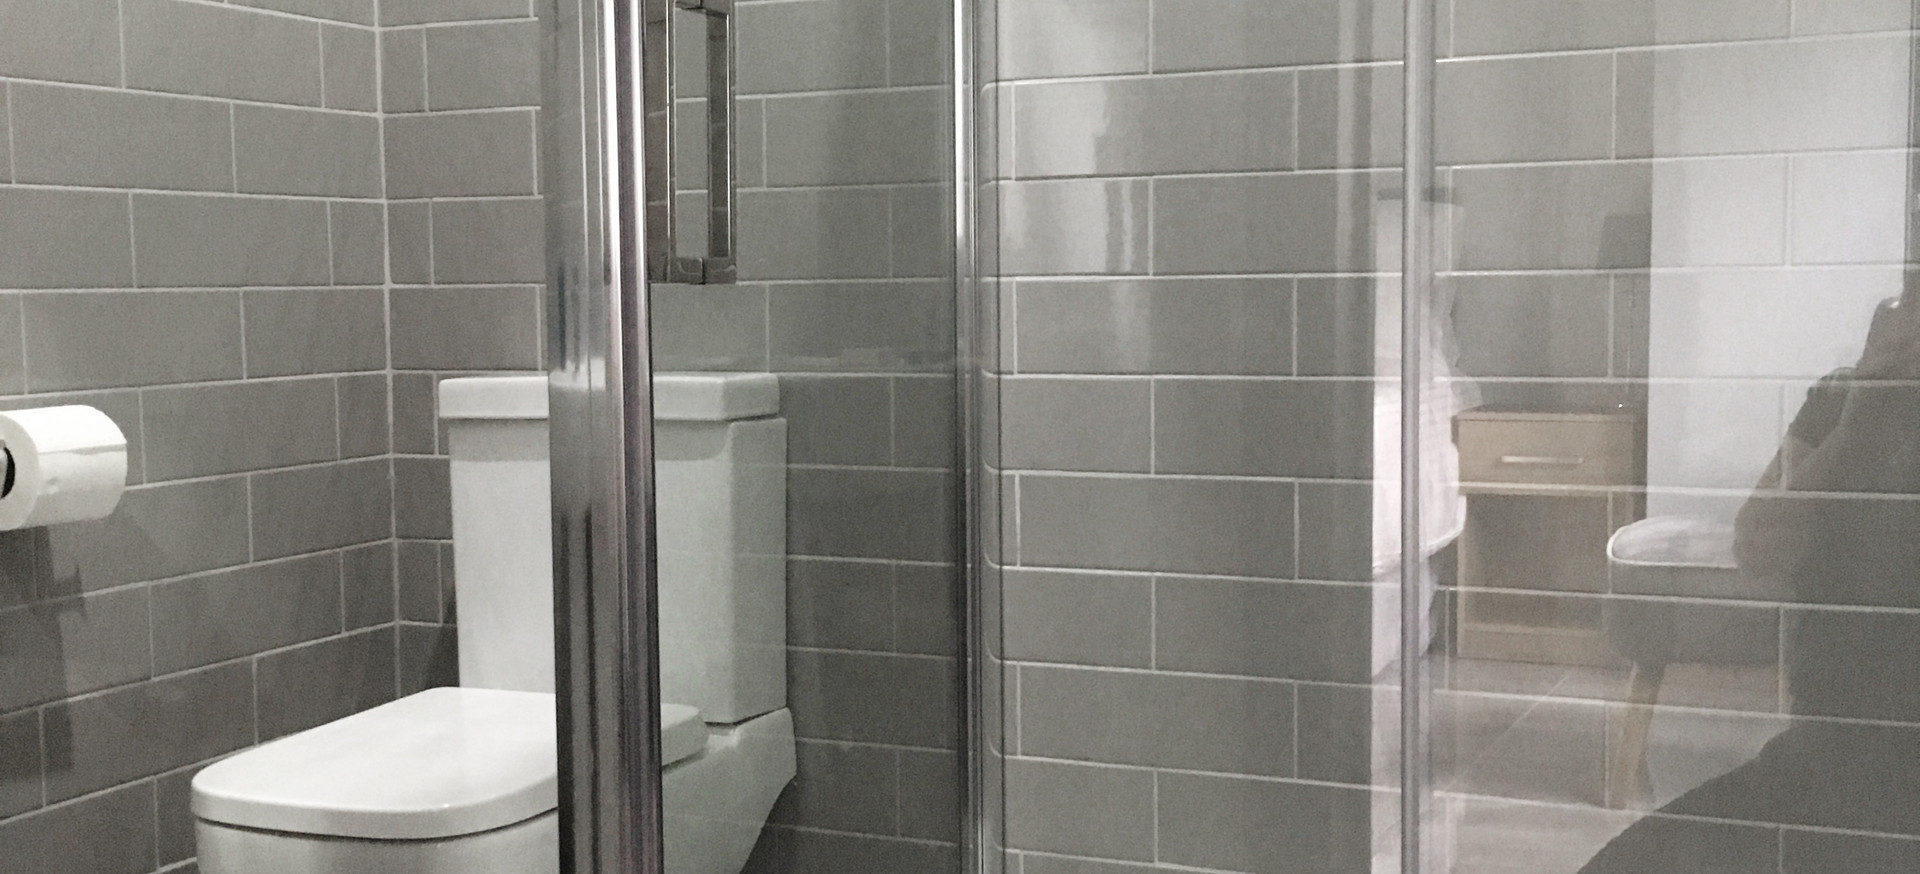 Primrose Ensuite Bathroom